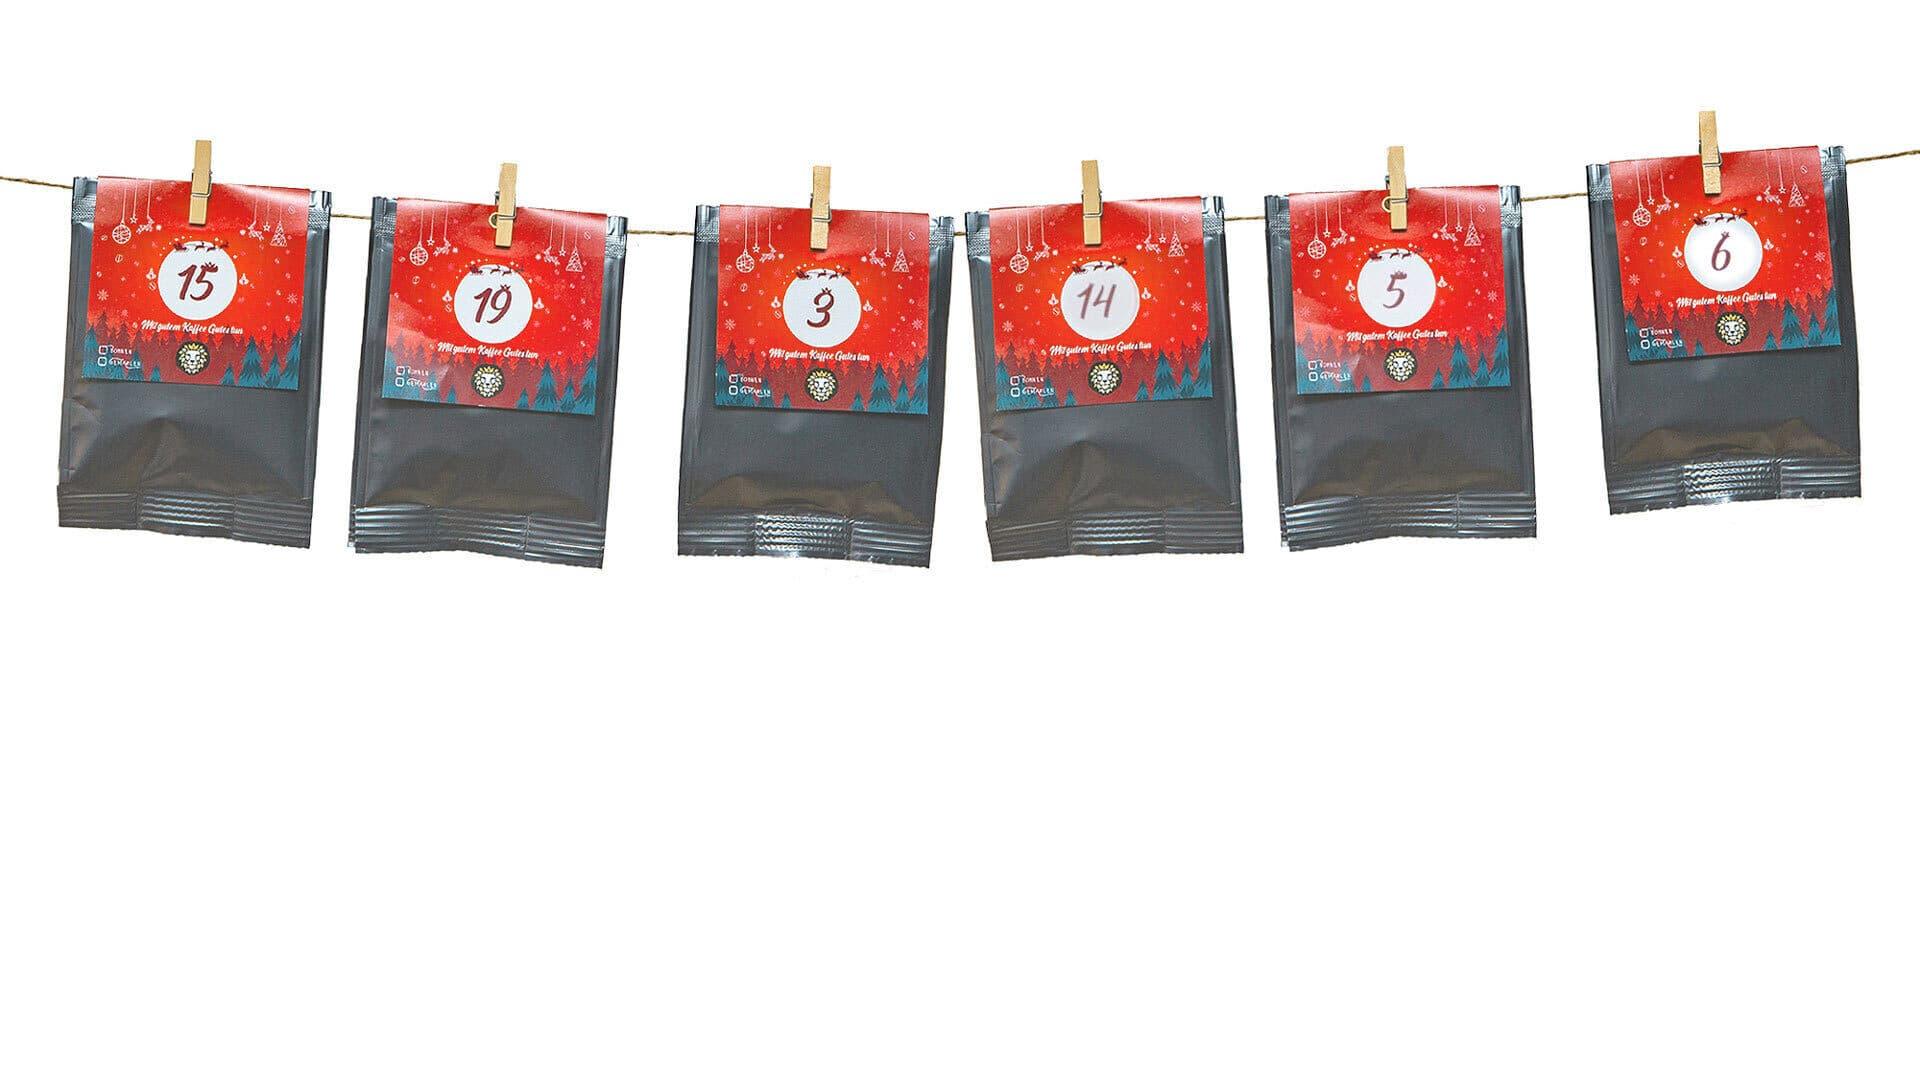 Barista Royal Premium Kaffee Kalender